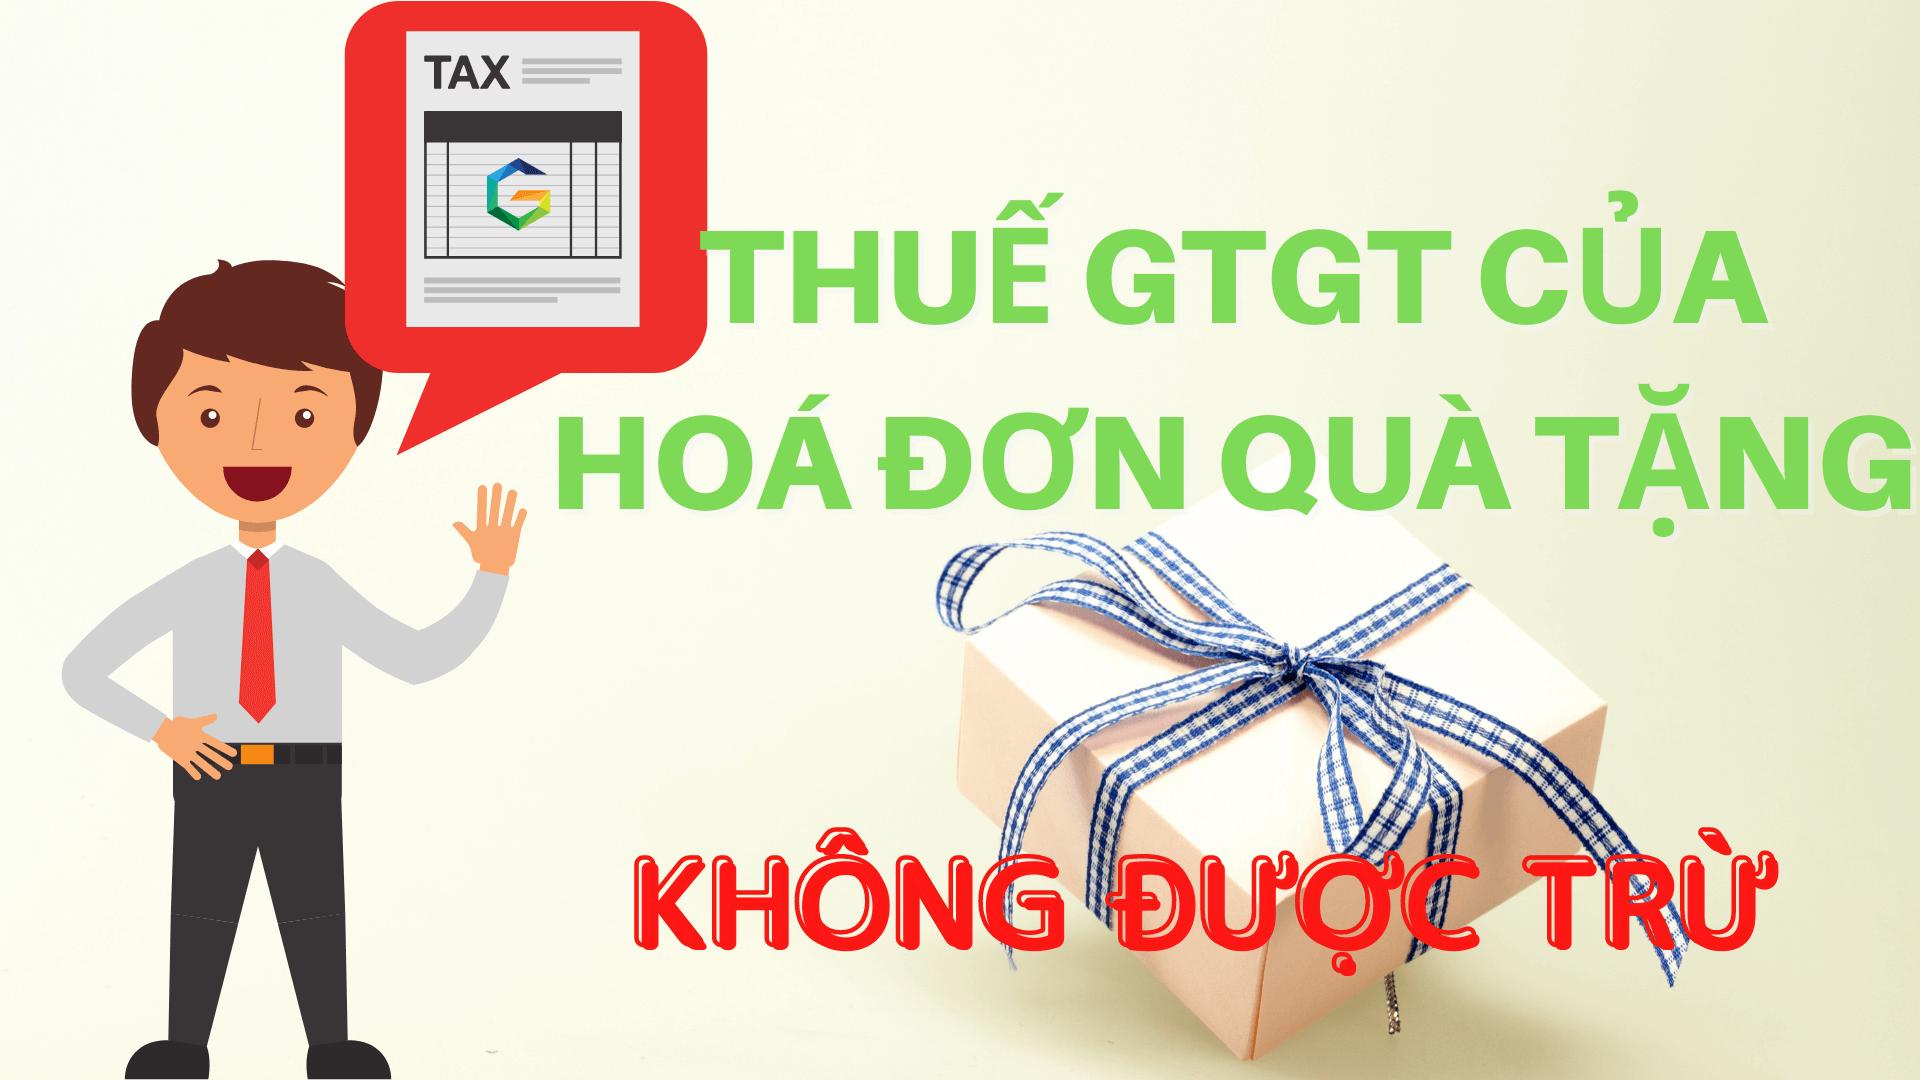 Thuế GTGT của hoá đơn quà tặng không được trừ